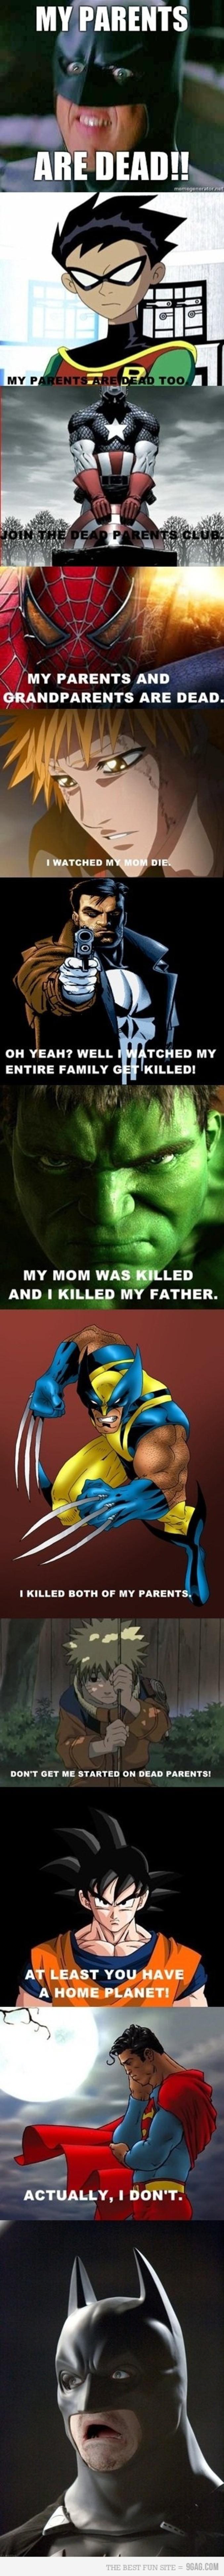 C'est toute une histoire pour les super-héros.